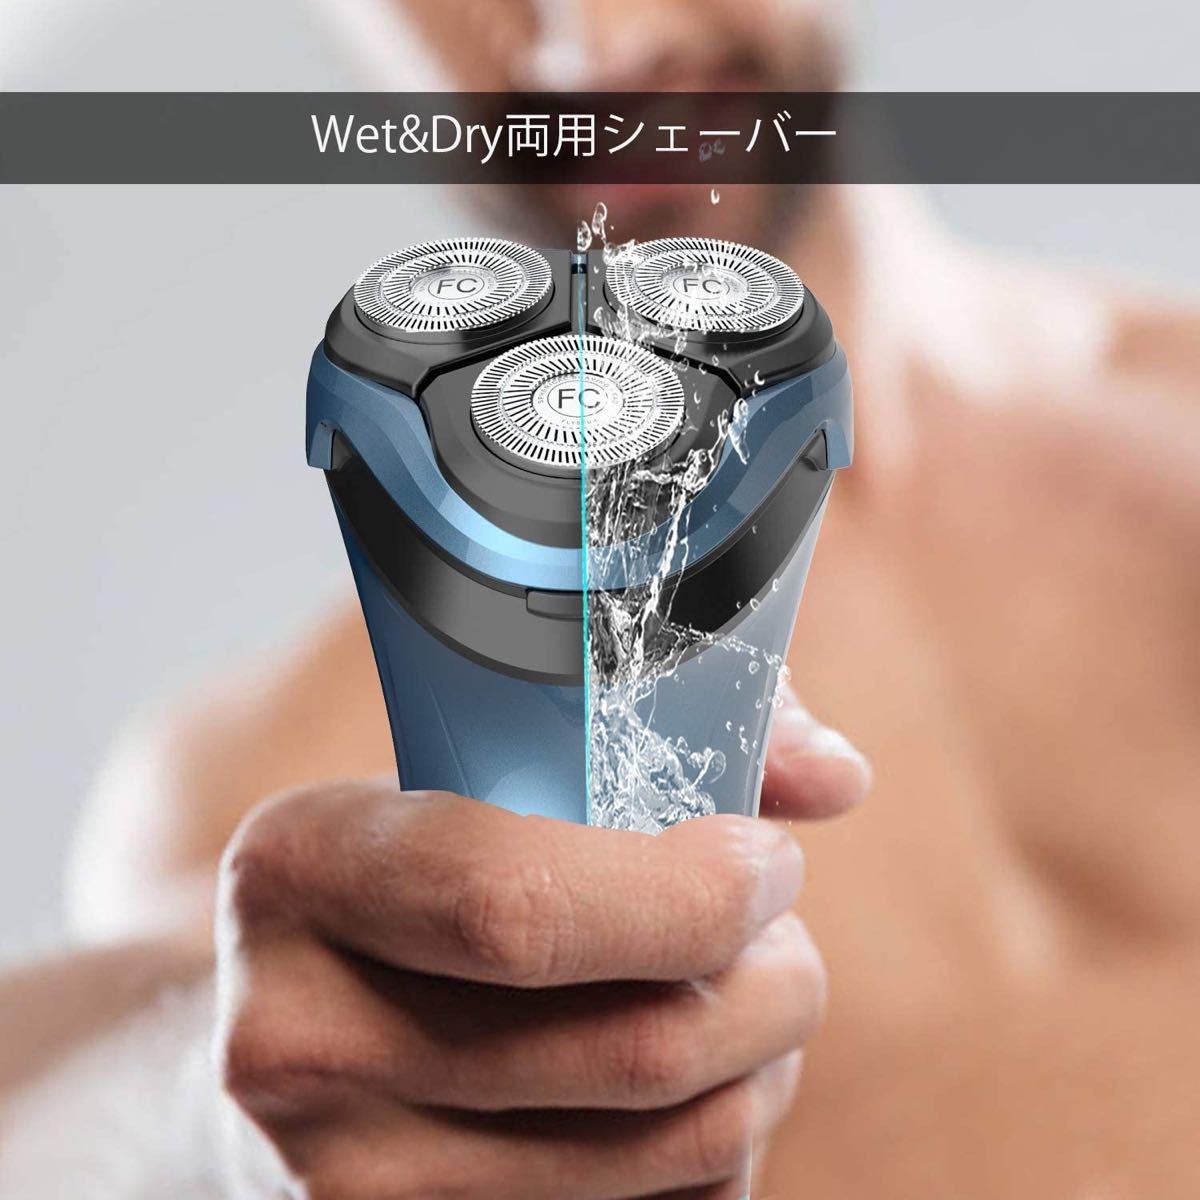 電気シェーバー メンズ Flyspur 髭剃り ひげそり USB充電式 回転式 メンズシェーバー 3枚刃 IPX7防水 電動